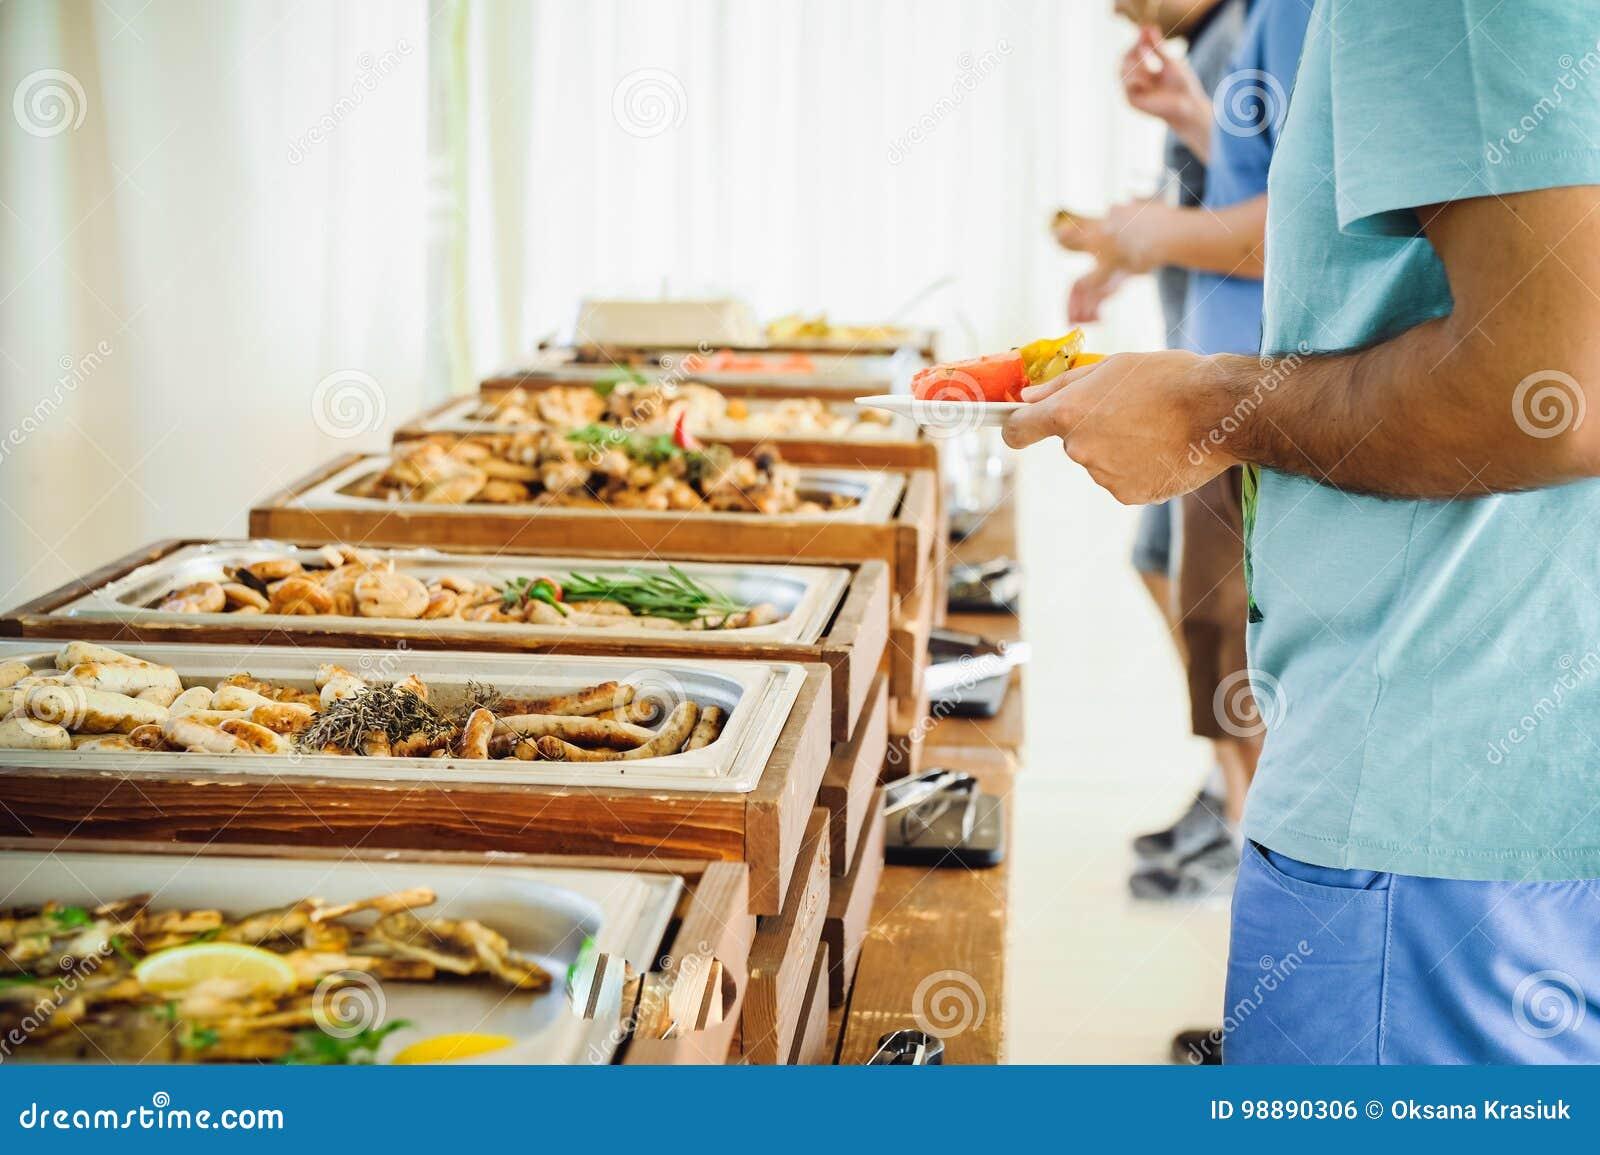 För buffématställe för utomhus- kokkonst kulinariskt sköta om Grupp människor, sammanlagt som du kan äta Äta middag begrepp för m